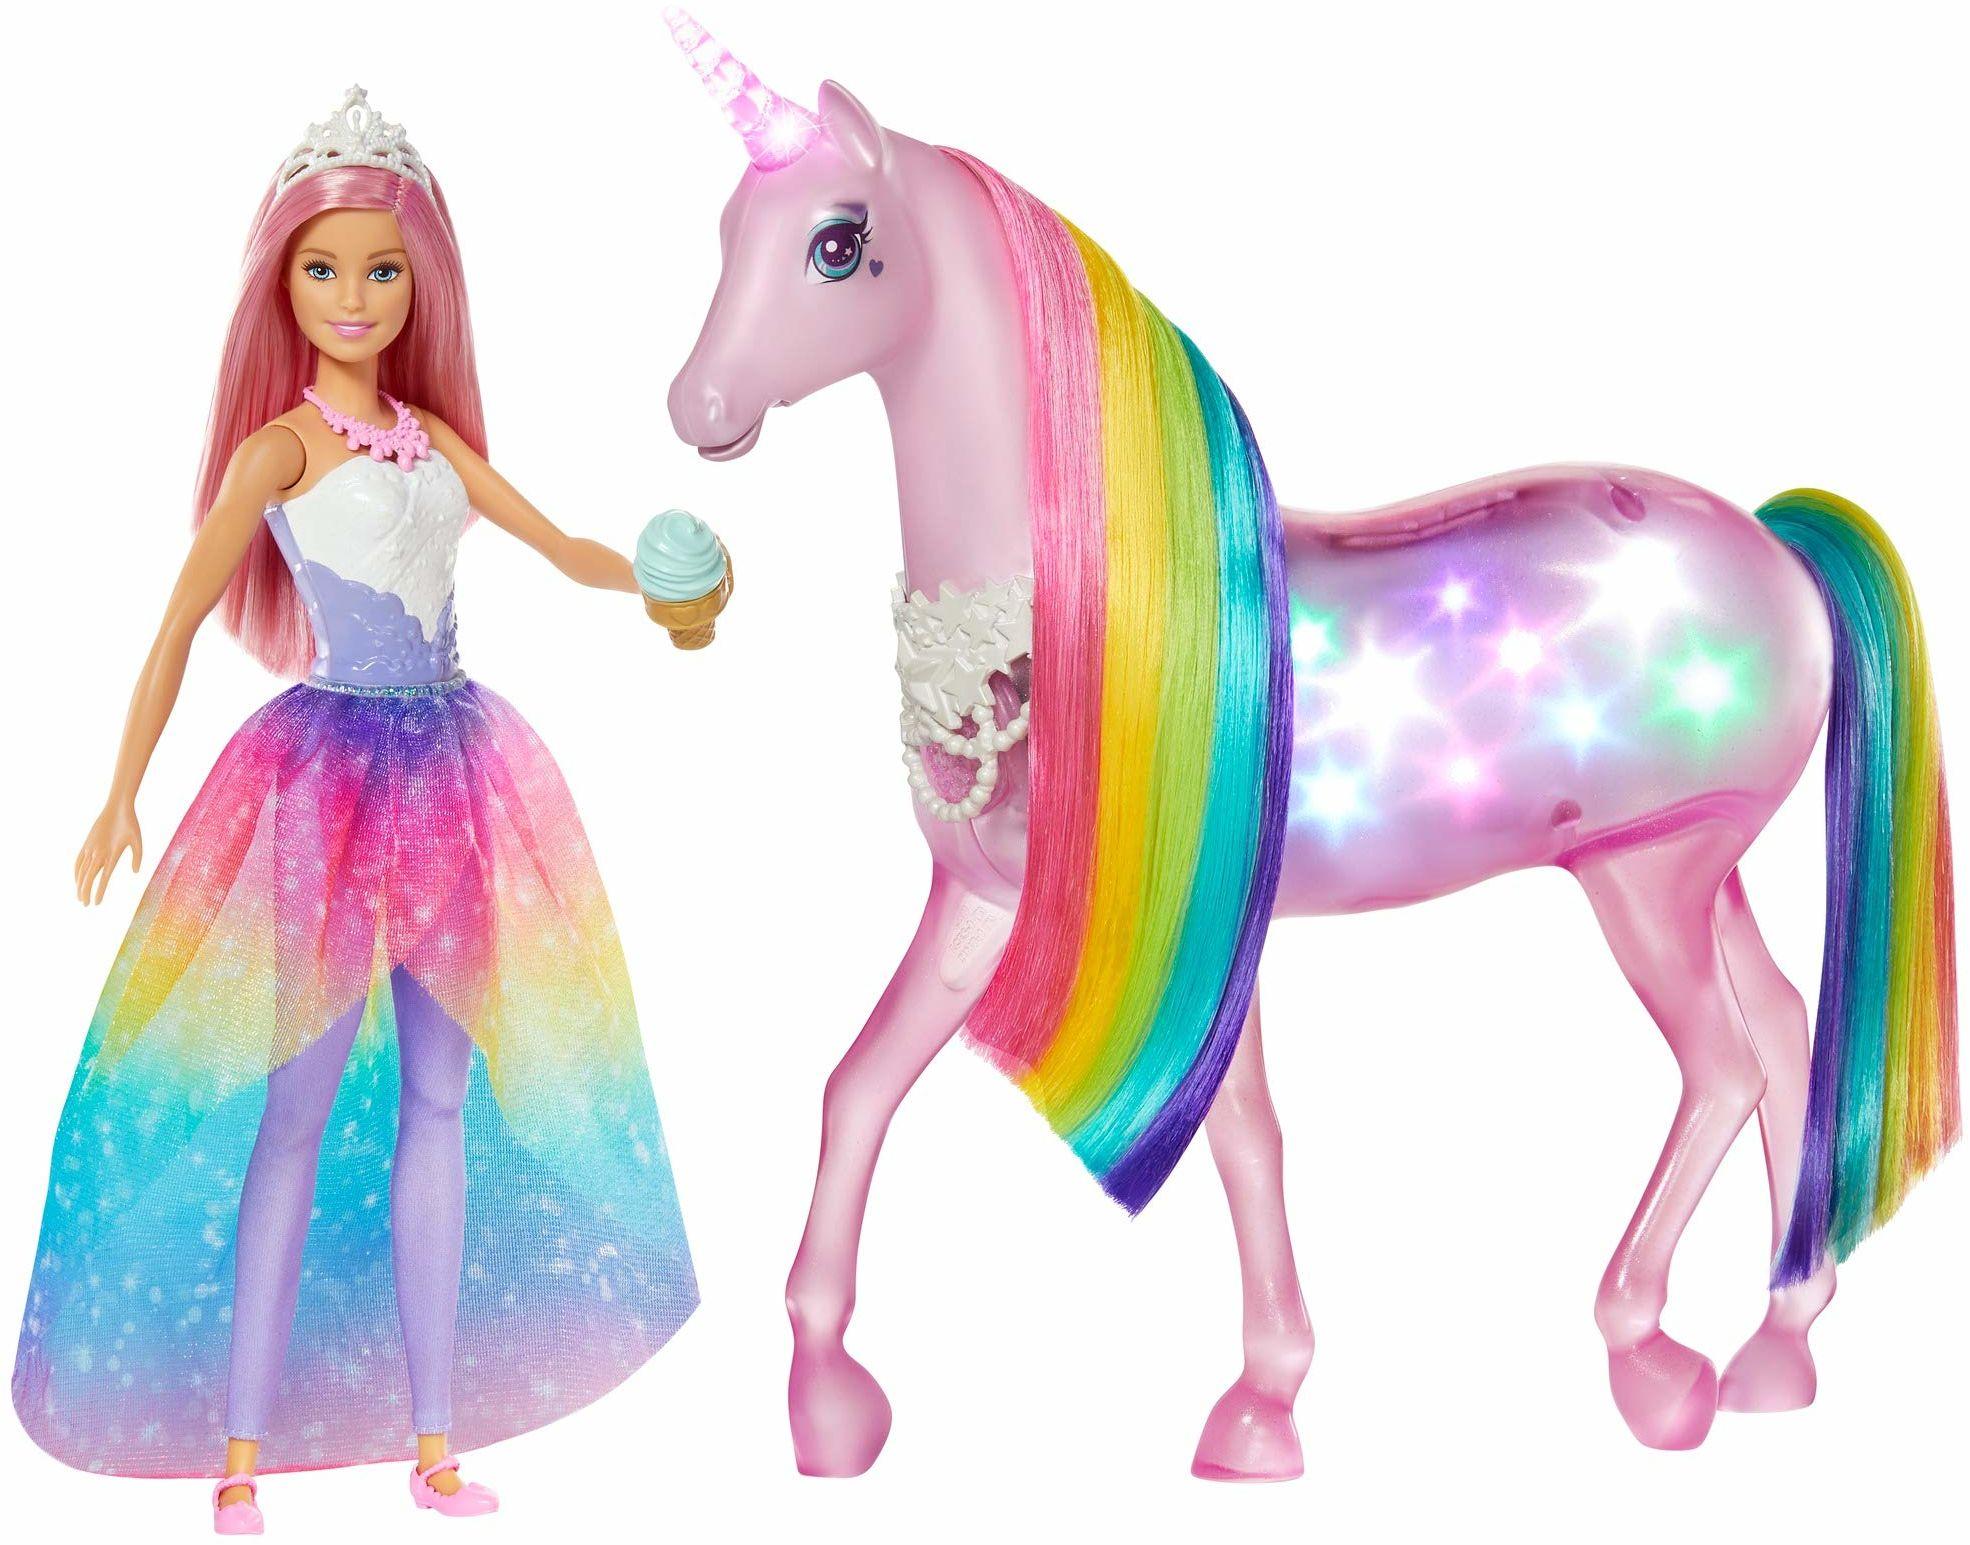 Barbie GWM78 , Dreamtopia Jednorożec Magia Świateł Z Tęczową Grzywą, Światłami I Dźwiękami I Lalka Księżniczka Z Różowymi Włosami Gwm78